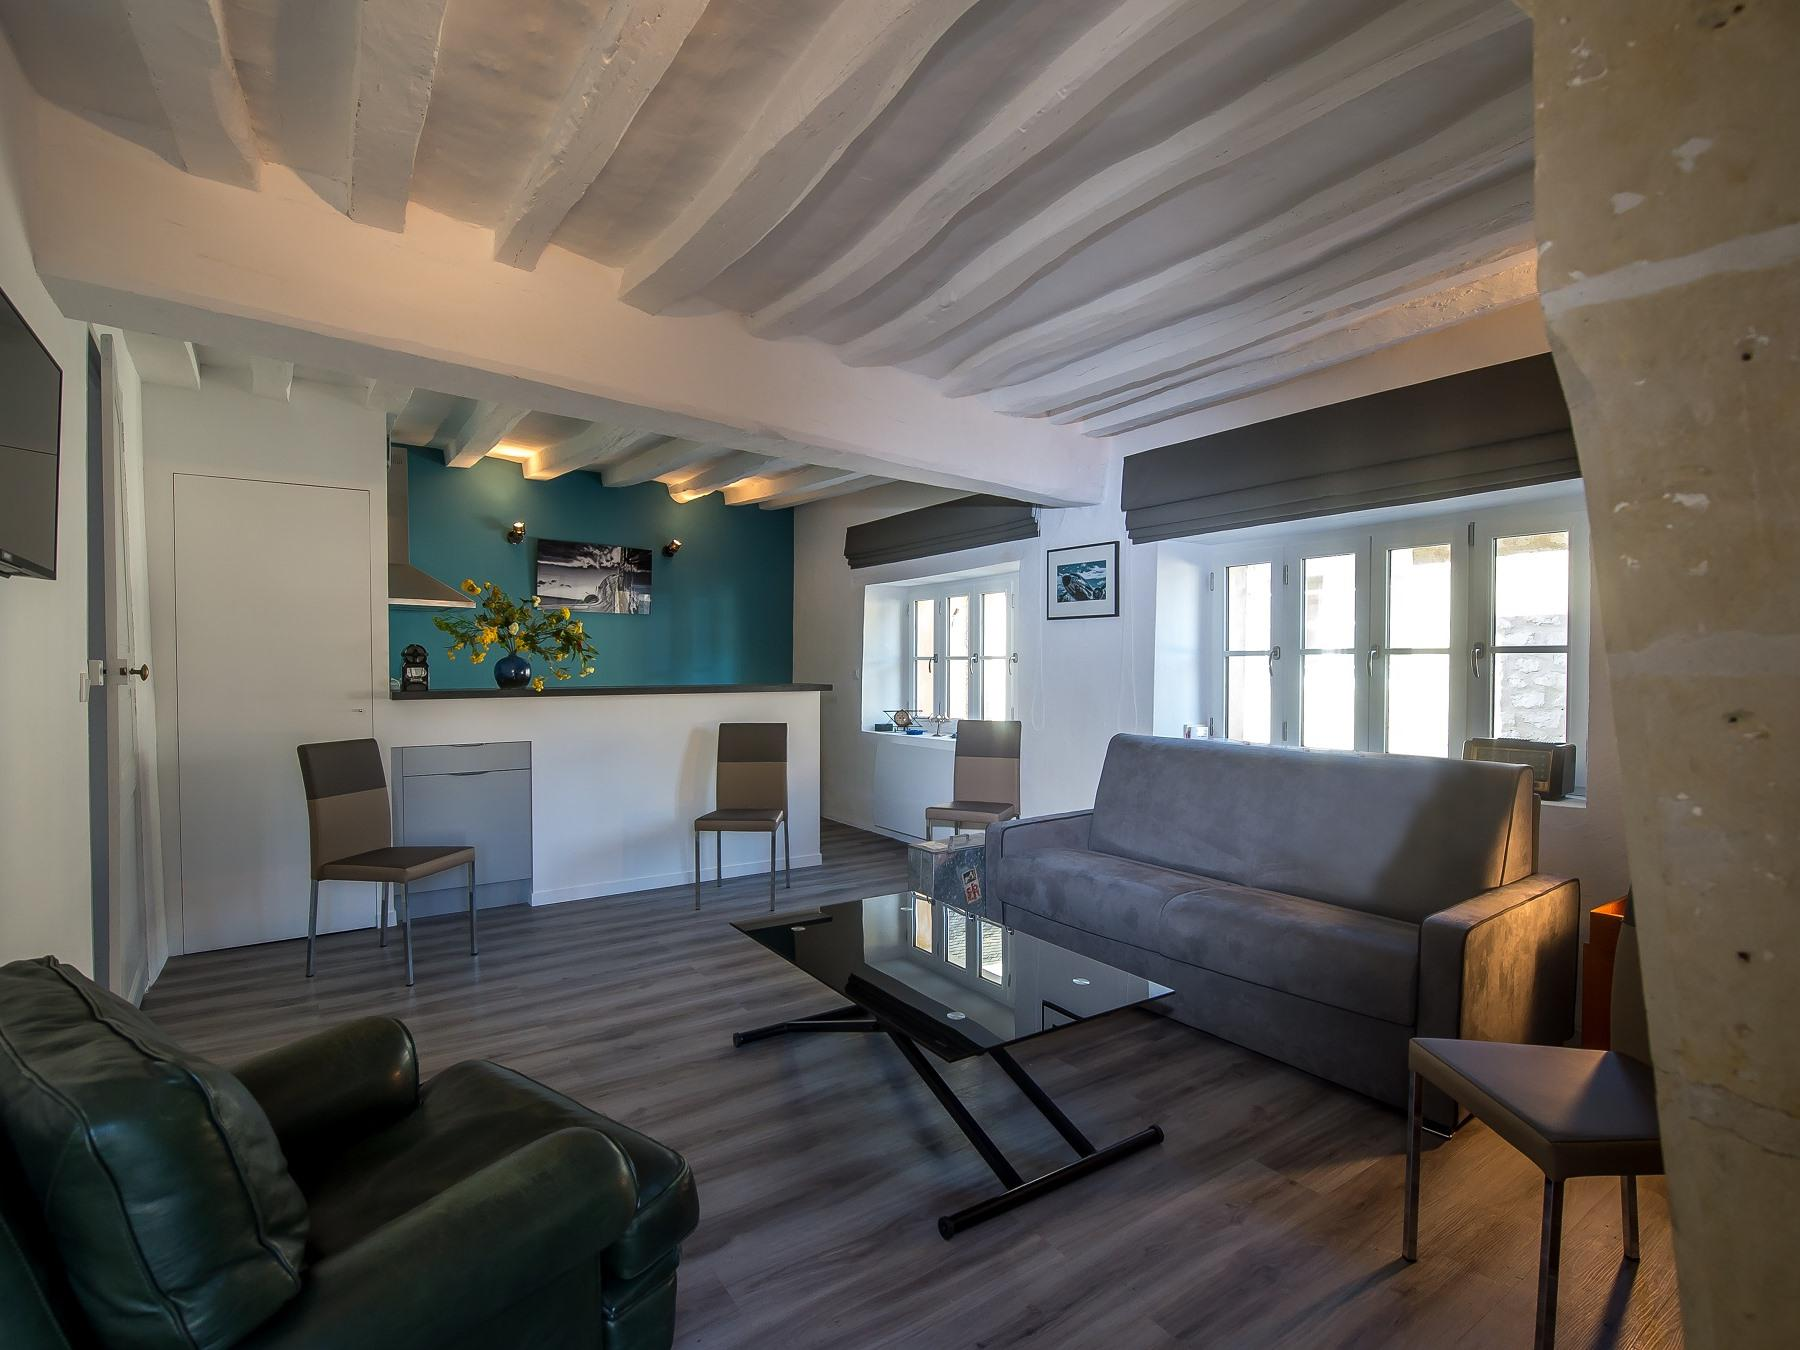 Appartement-Salle de bain privée séparée-Gîte Hélène Boucher - Tarif de base